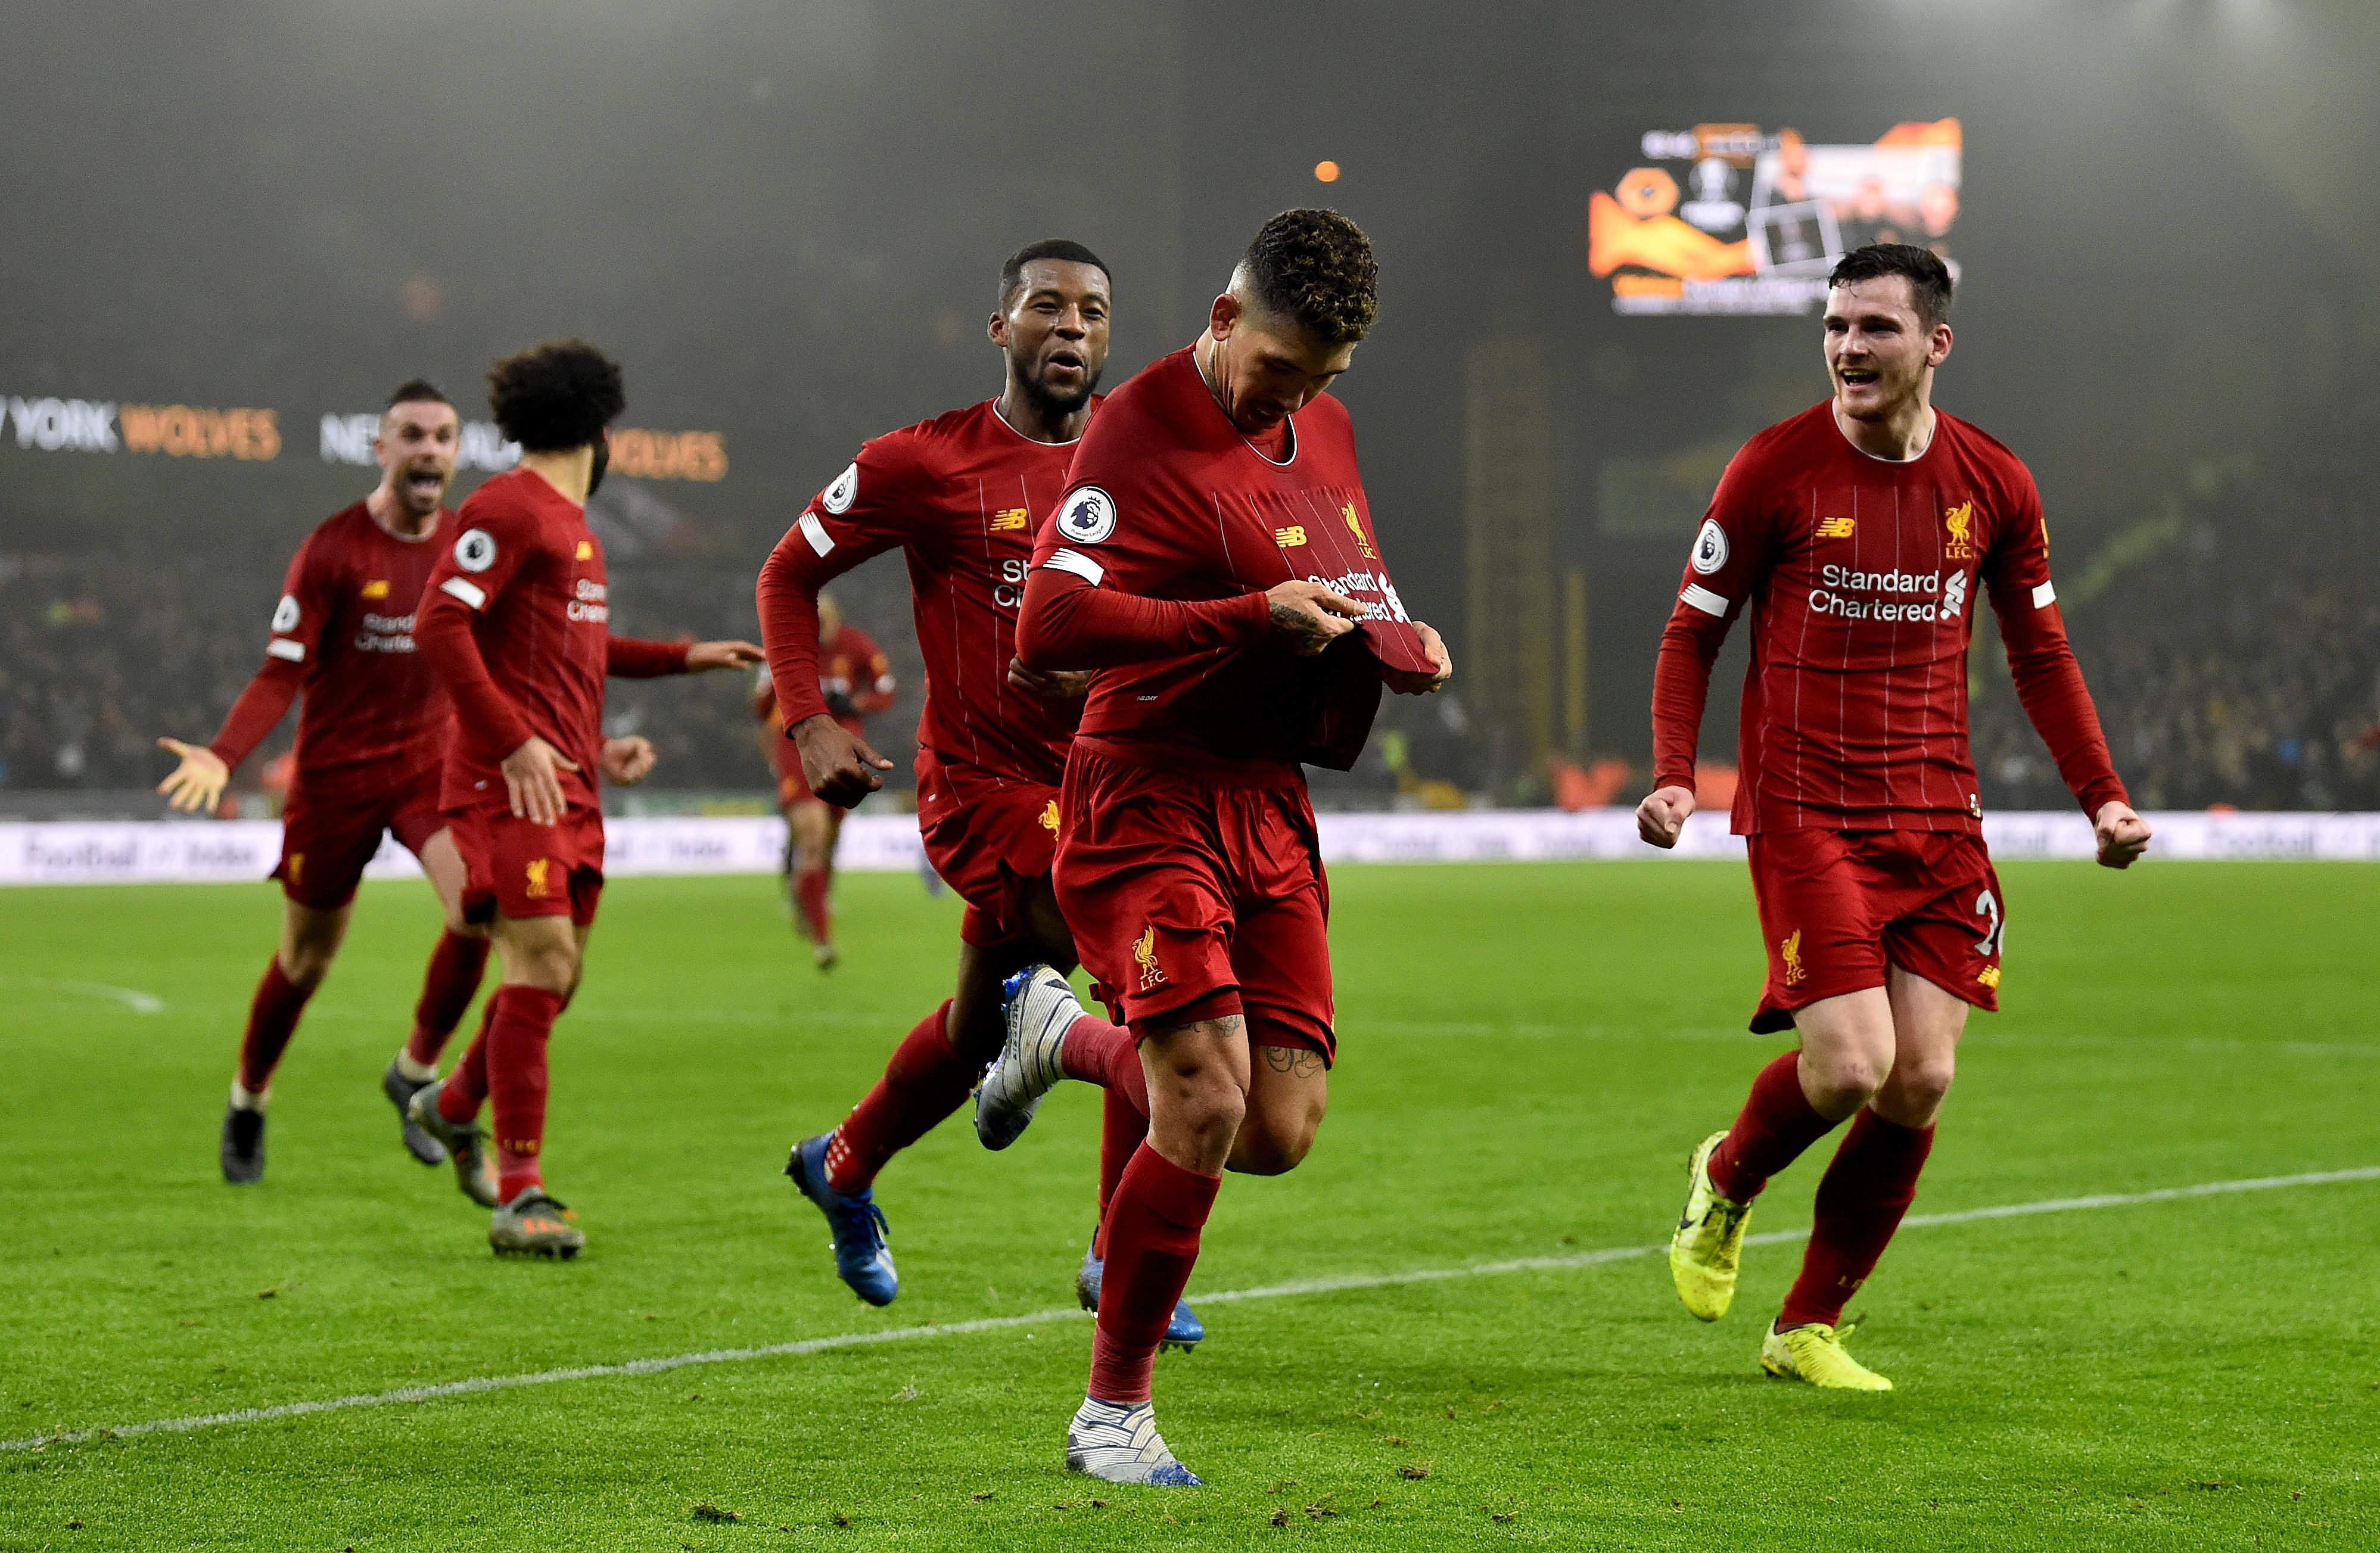 ليفربول يتخطى ولفرهامبتون ويواصل اربعين مباراة على التوالي بدون خسارة في البريميرليج